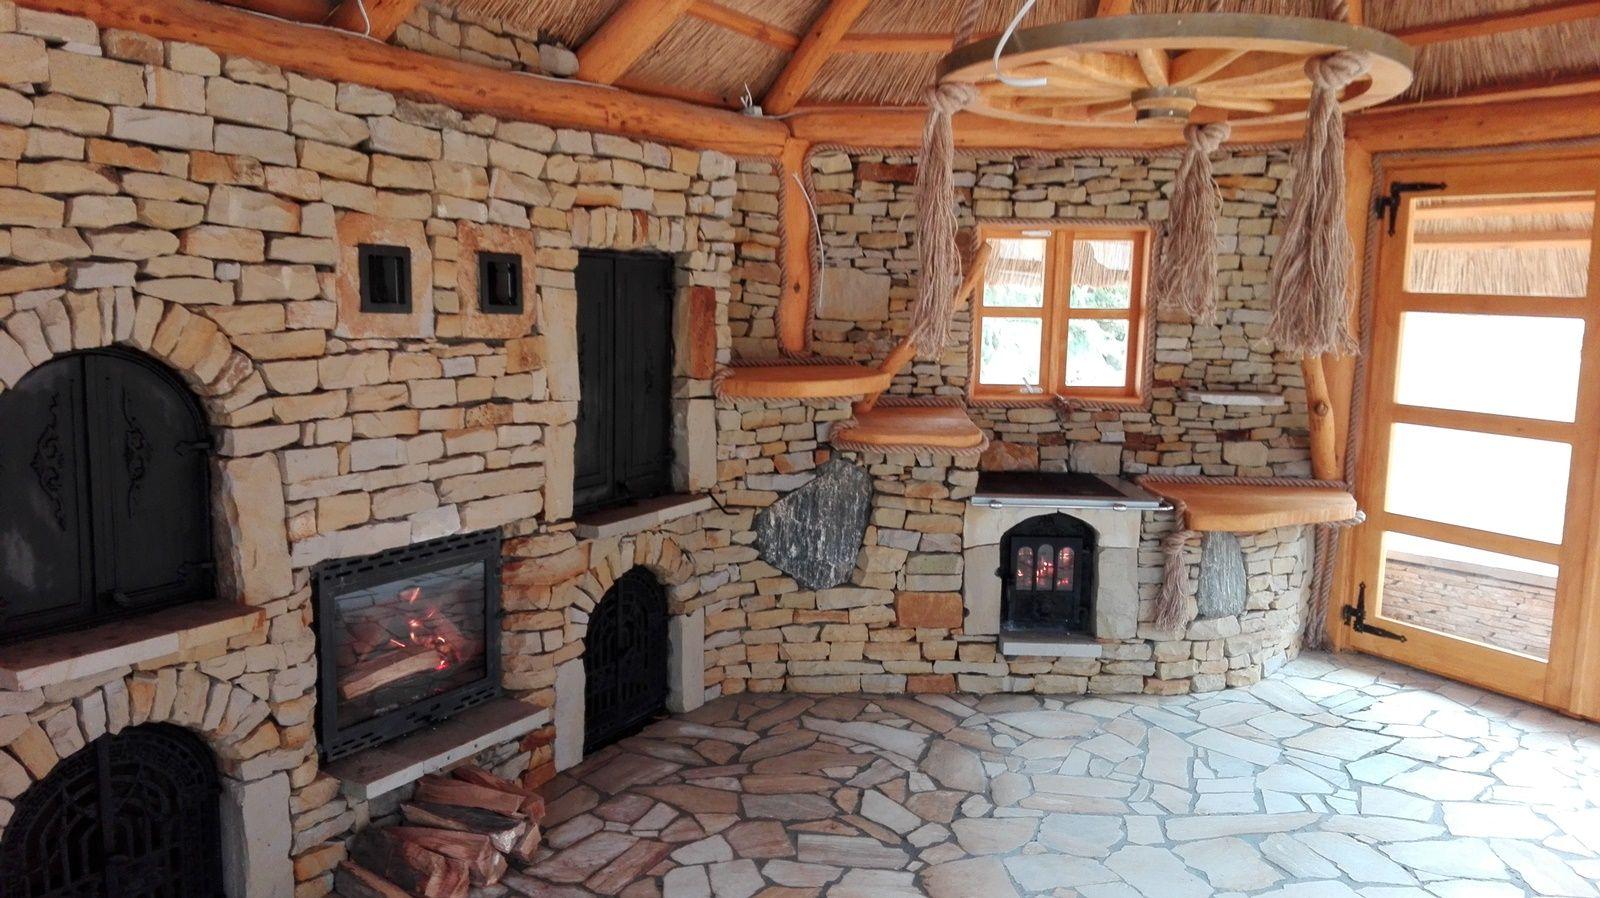 Grill Wedzarnia Murowana Altana Piec Chlebowy 6677953641 Oficjalne Archiwum Allegro Backyard Grilling Backyard House Backyard